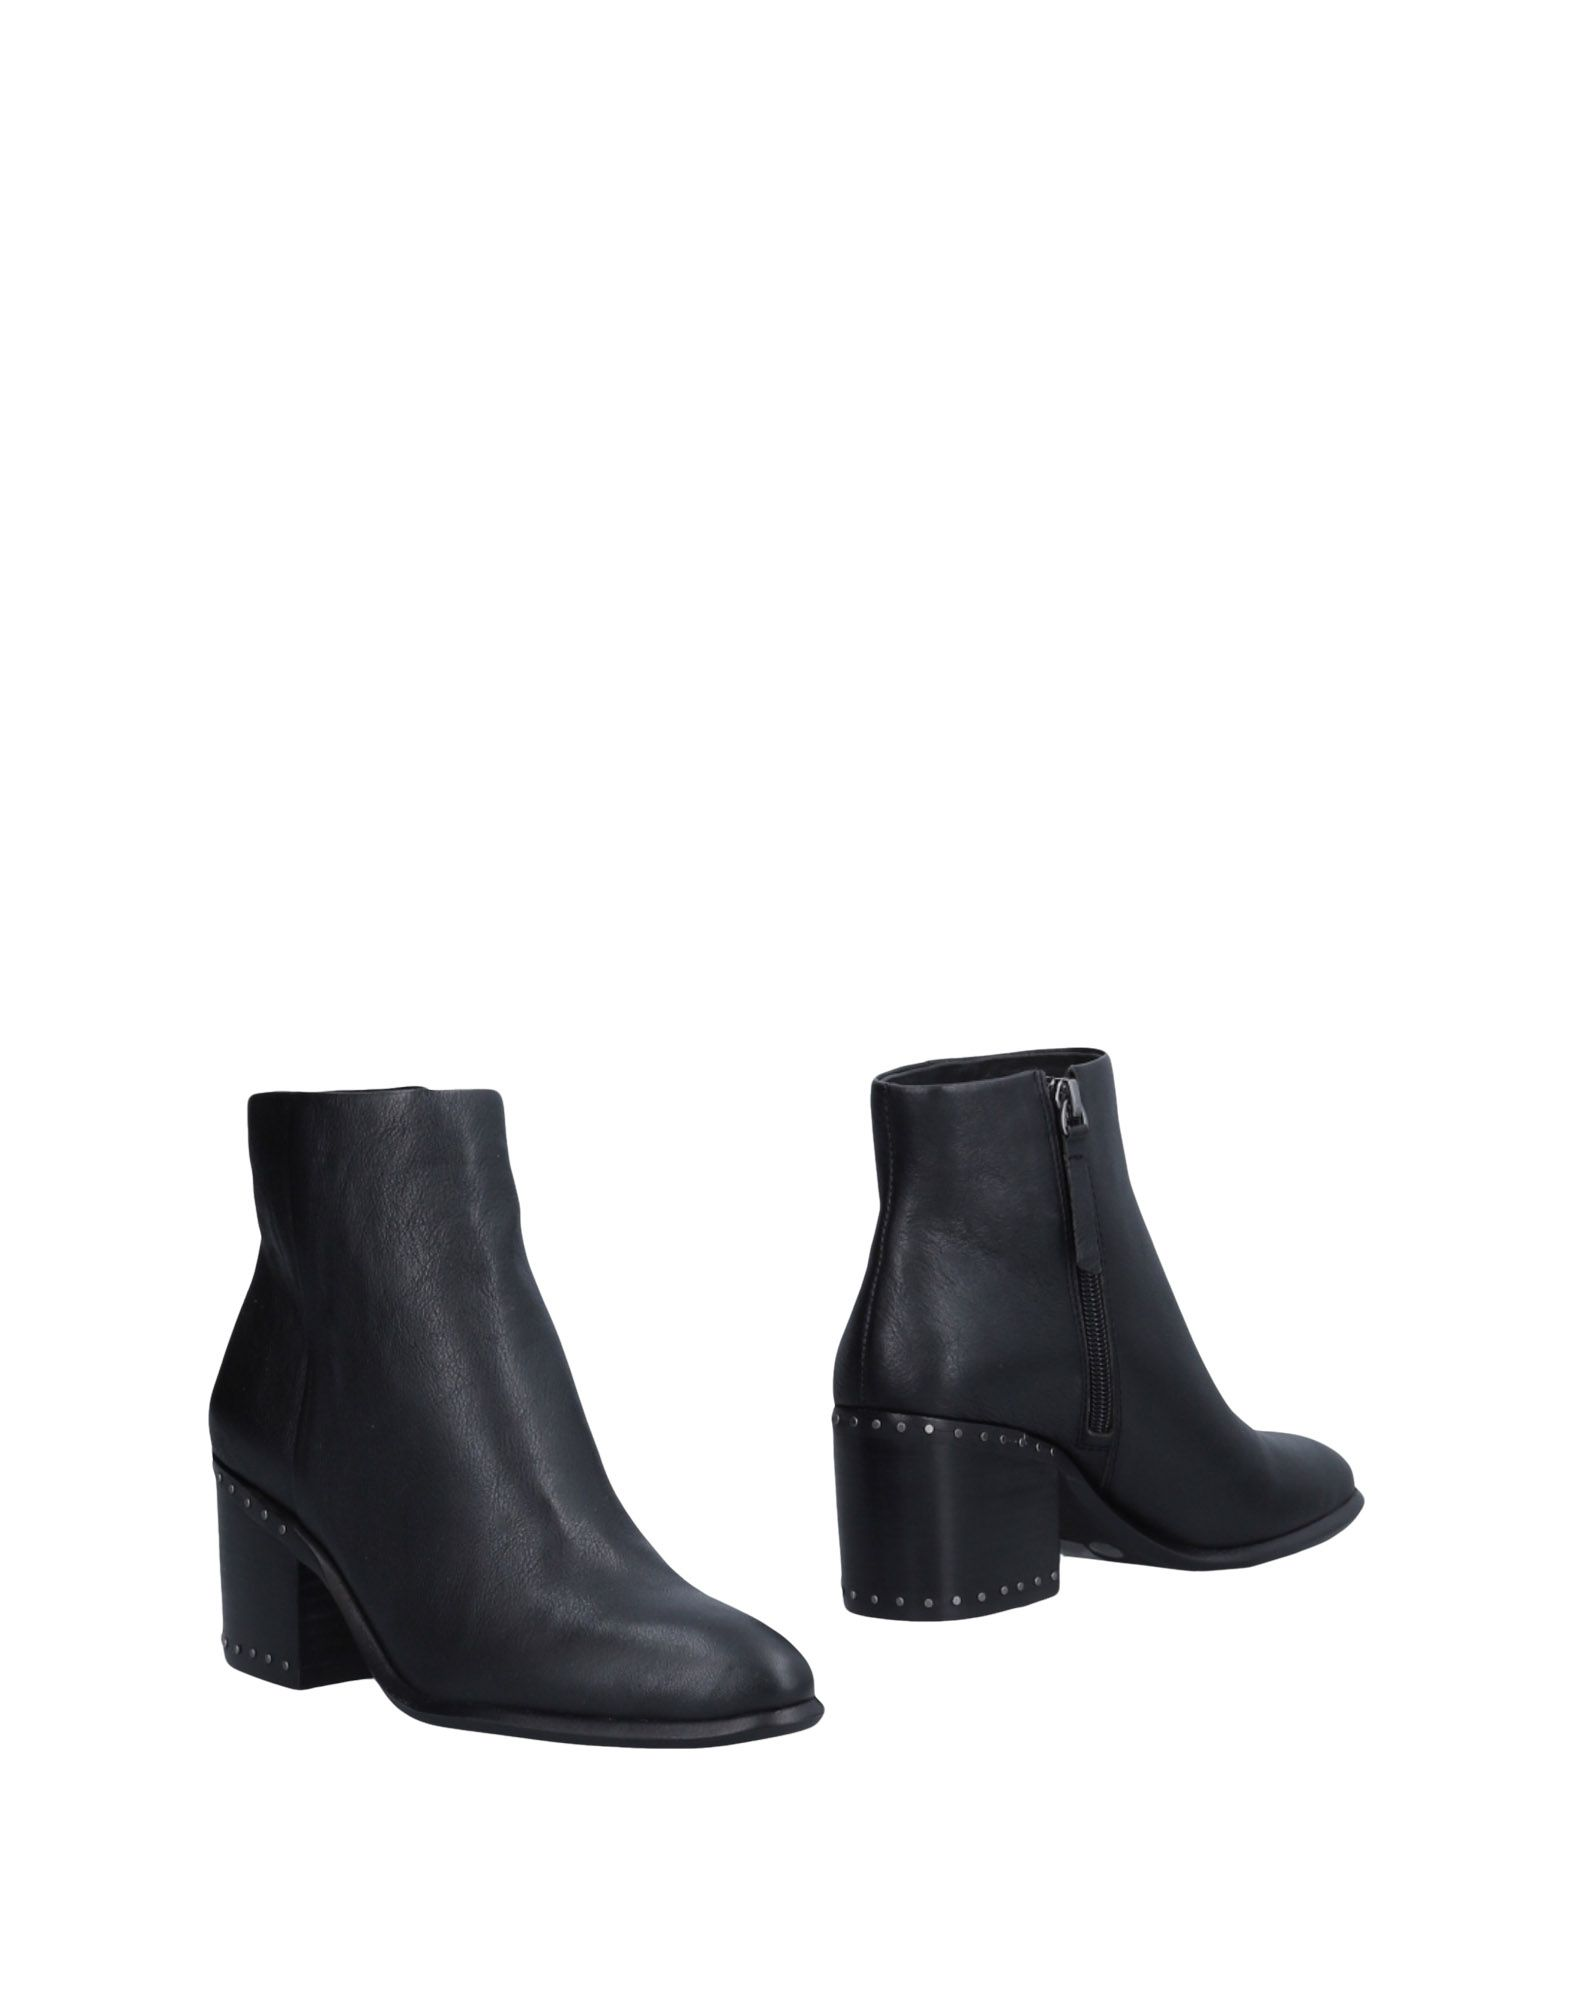 Vince Camuto Stiefelette 11479138NN Damen  11479138NN Stiefelette Gute Qualität beliebte Schuhe ab2f25